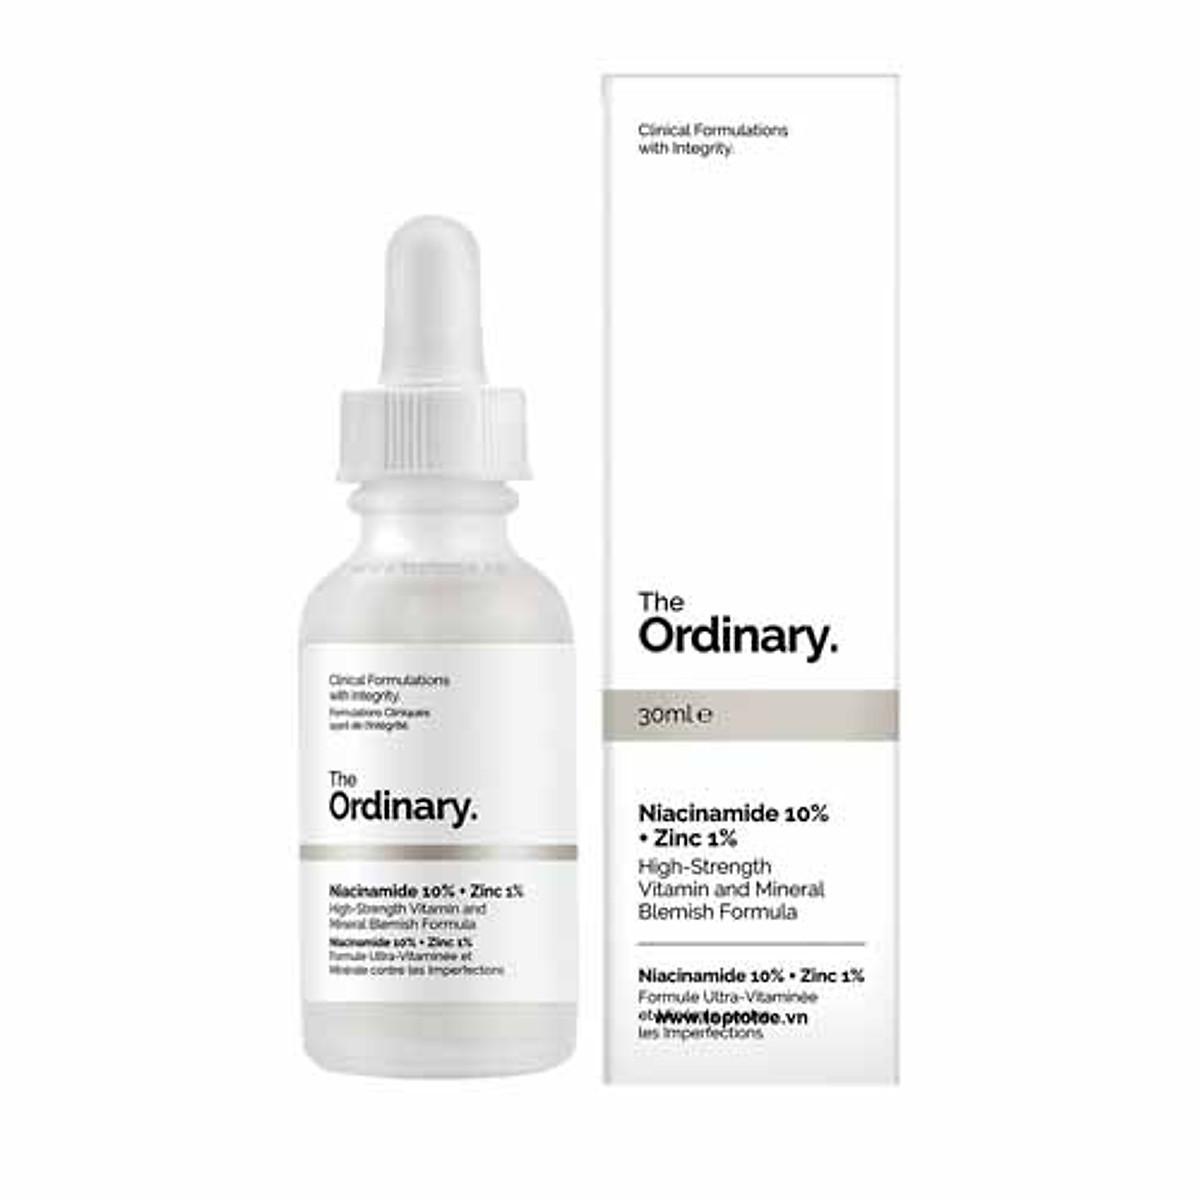 Đánh giá, review Tinh Chất Serum The Ordinary Niacinamide 10% + Zinc 1% 30ml